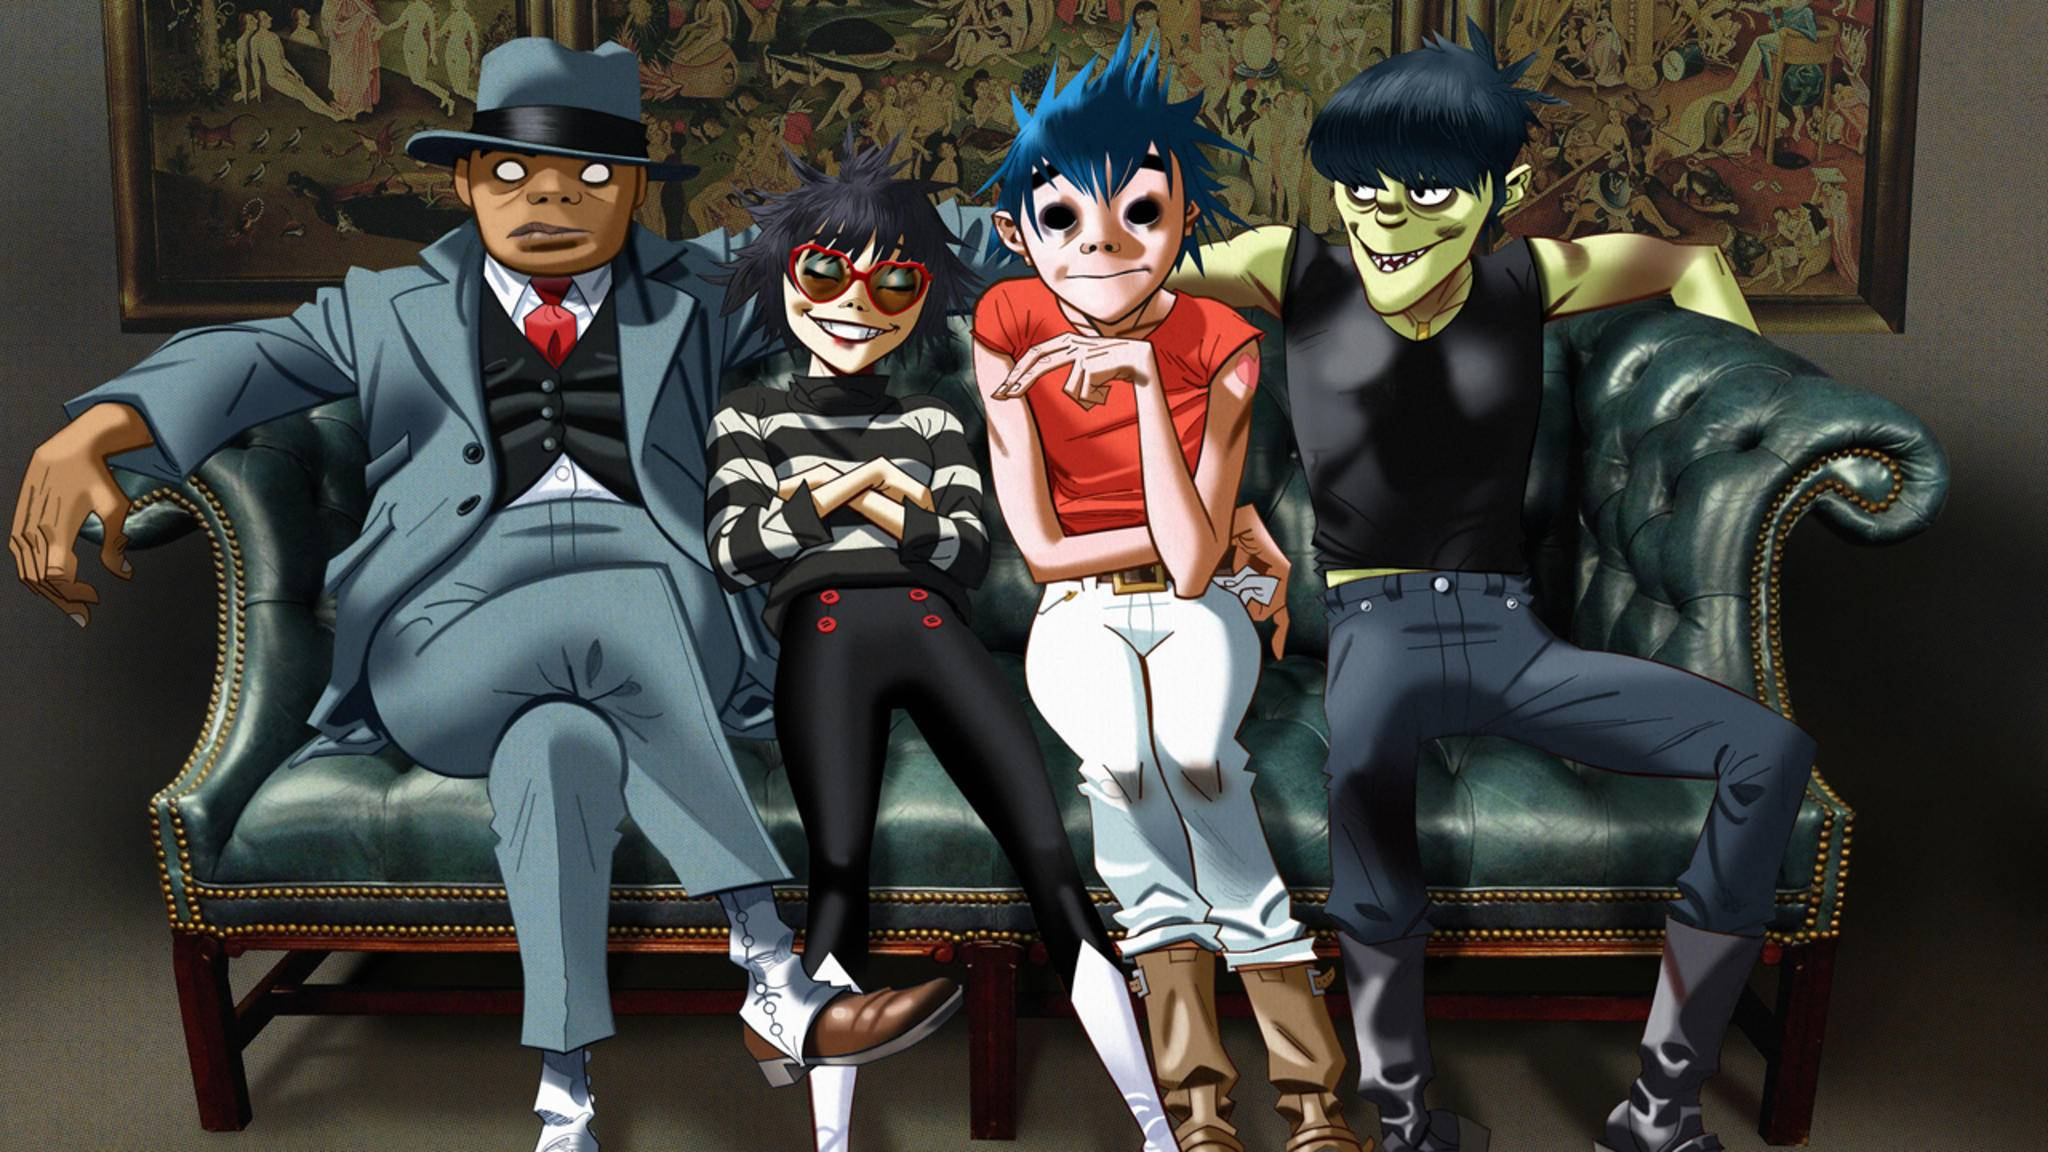 Offiziell sind die Gorillaz nur zu viert. Für Alben und Live-Auftritte holt sich die Comicband aber regelmäßig hochkarätige Unterstützung.